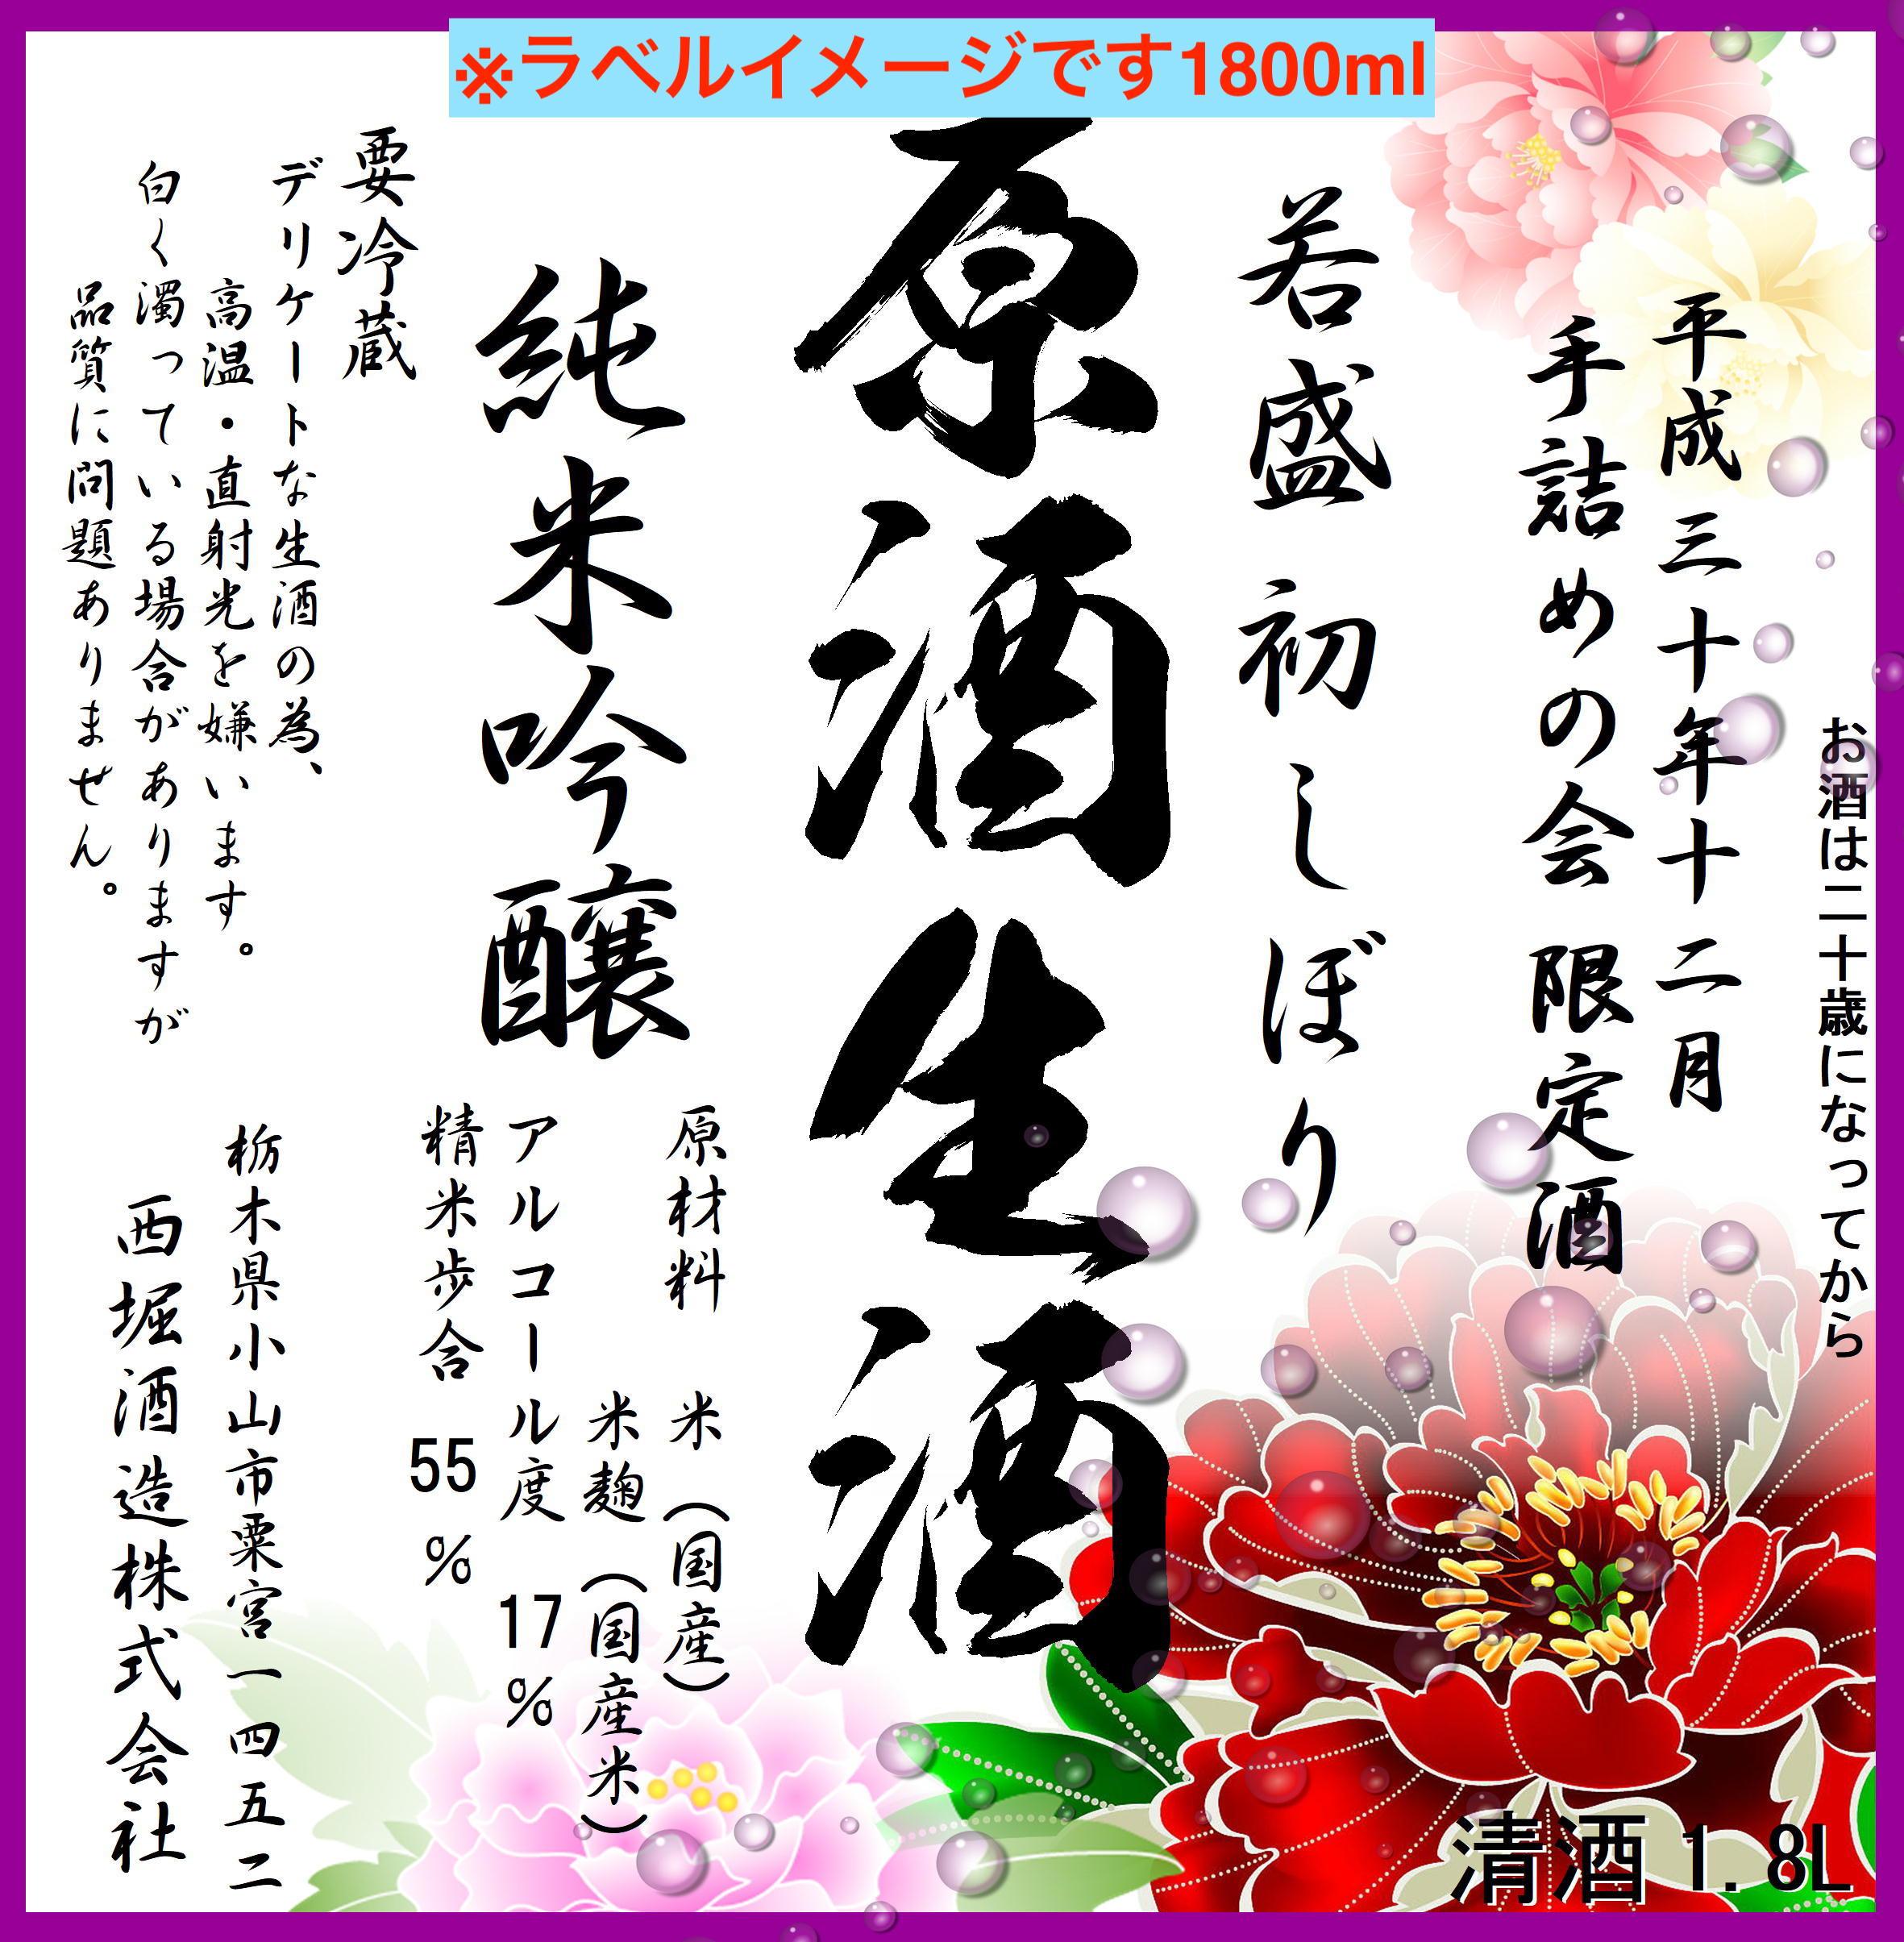 hatsushibori-20191130-1800